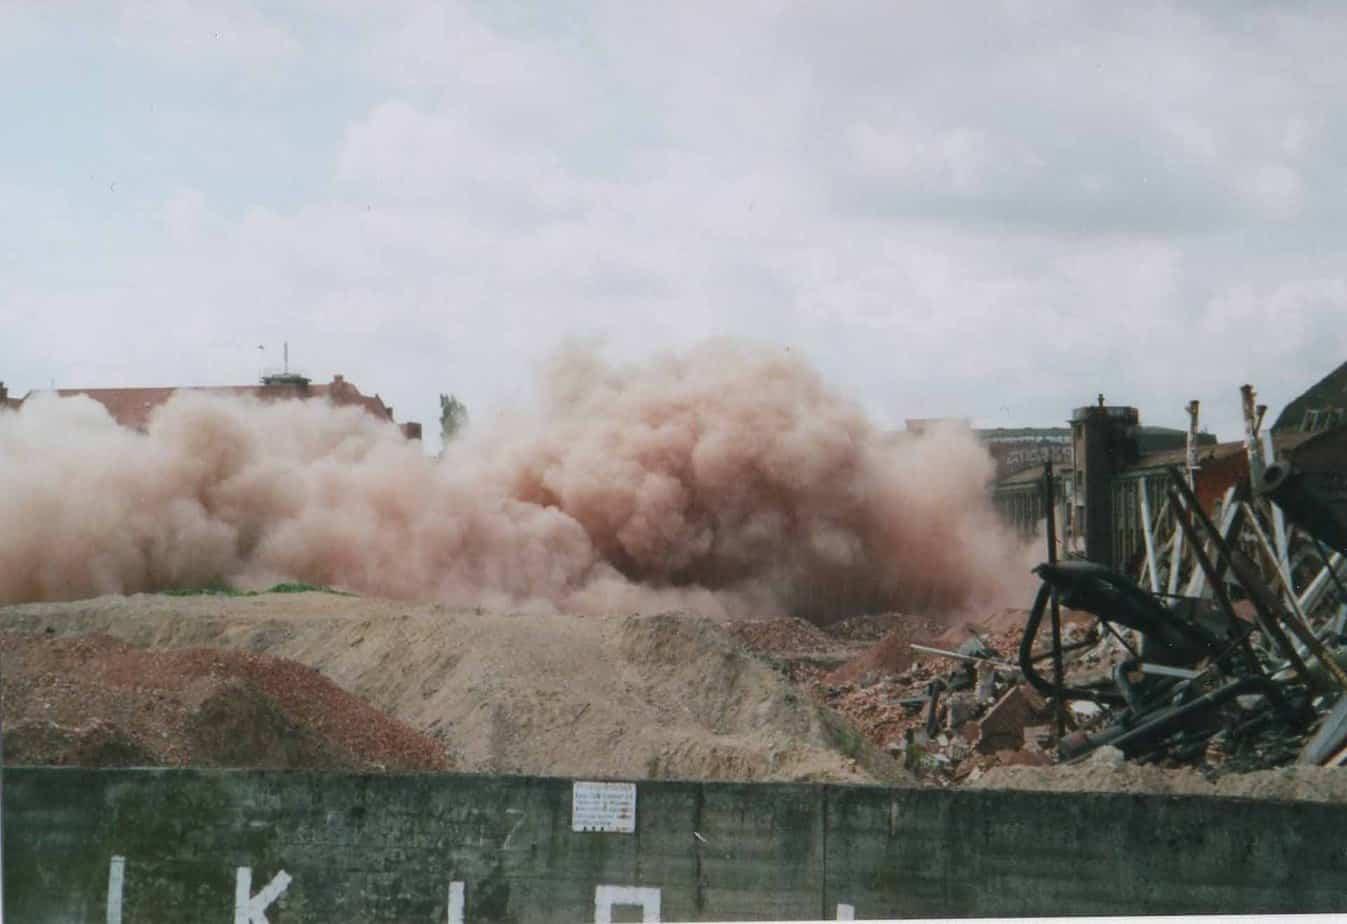 Sprengung auf dem Gelände im Jahr 2009